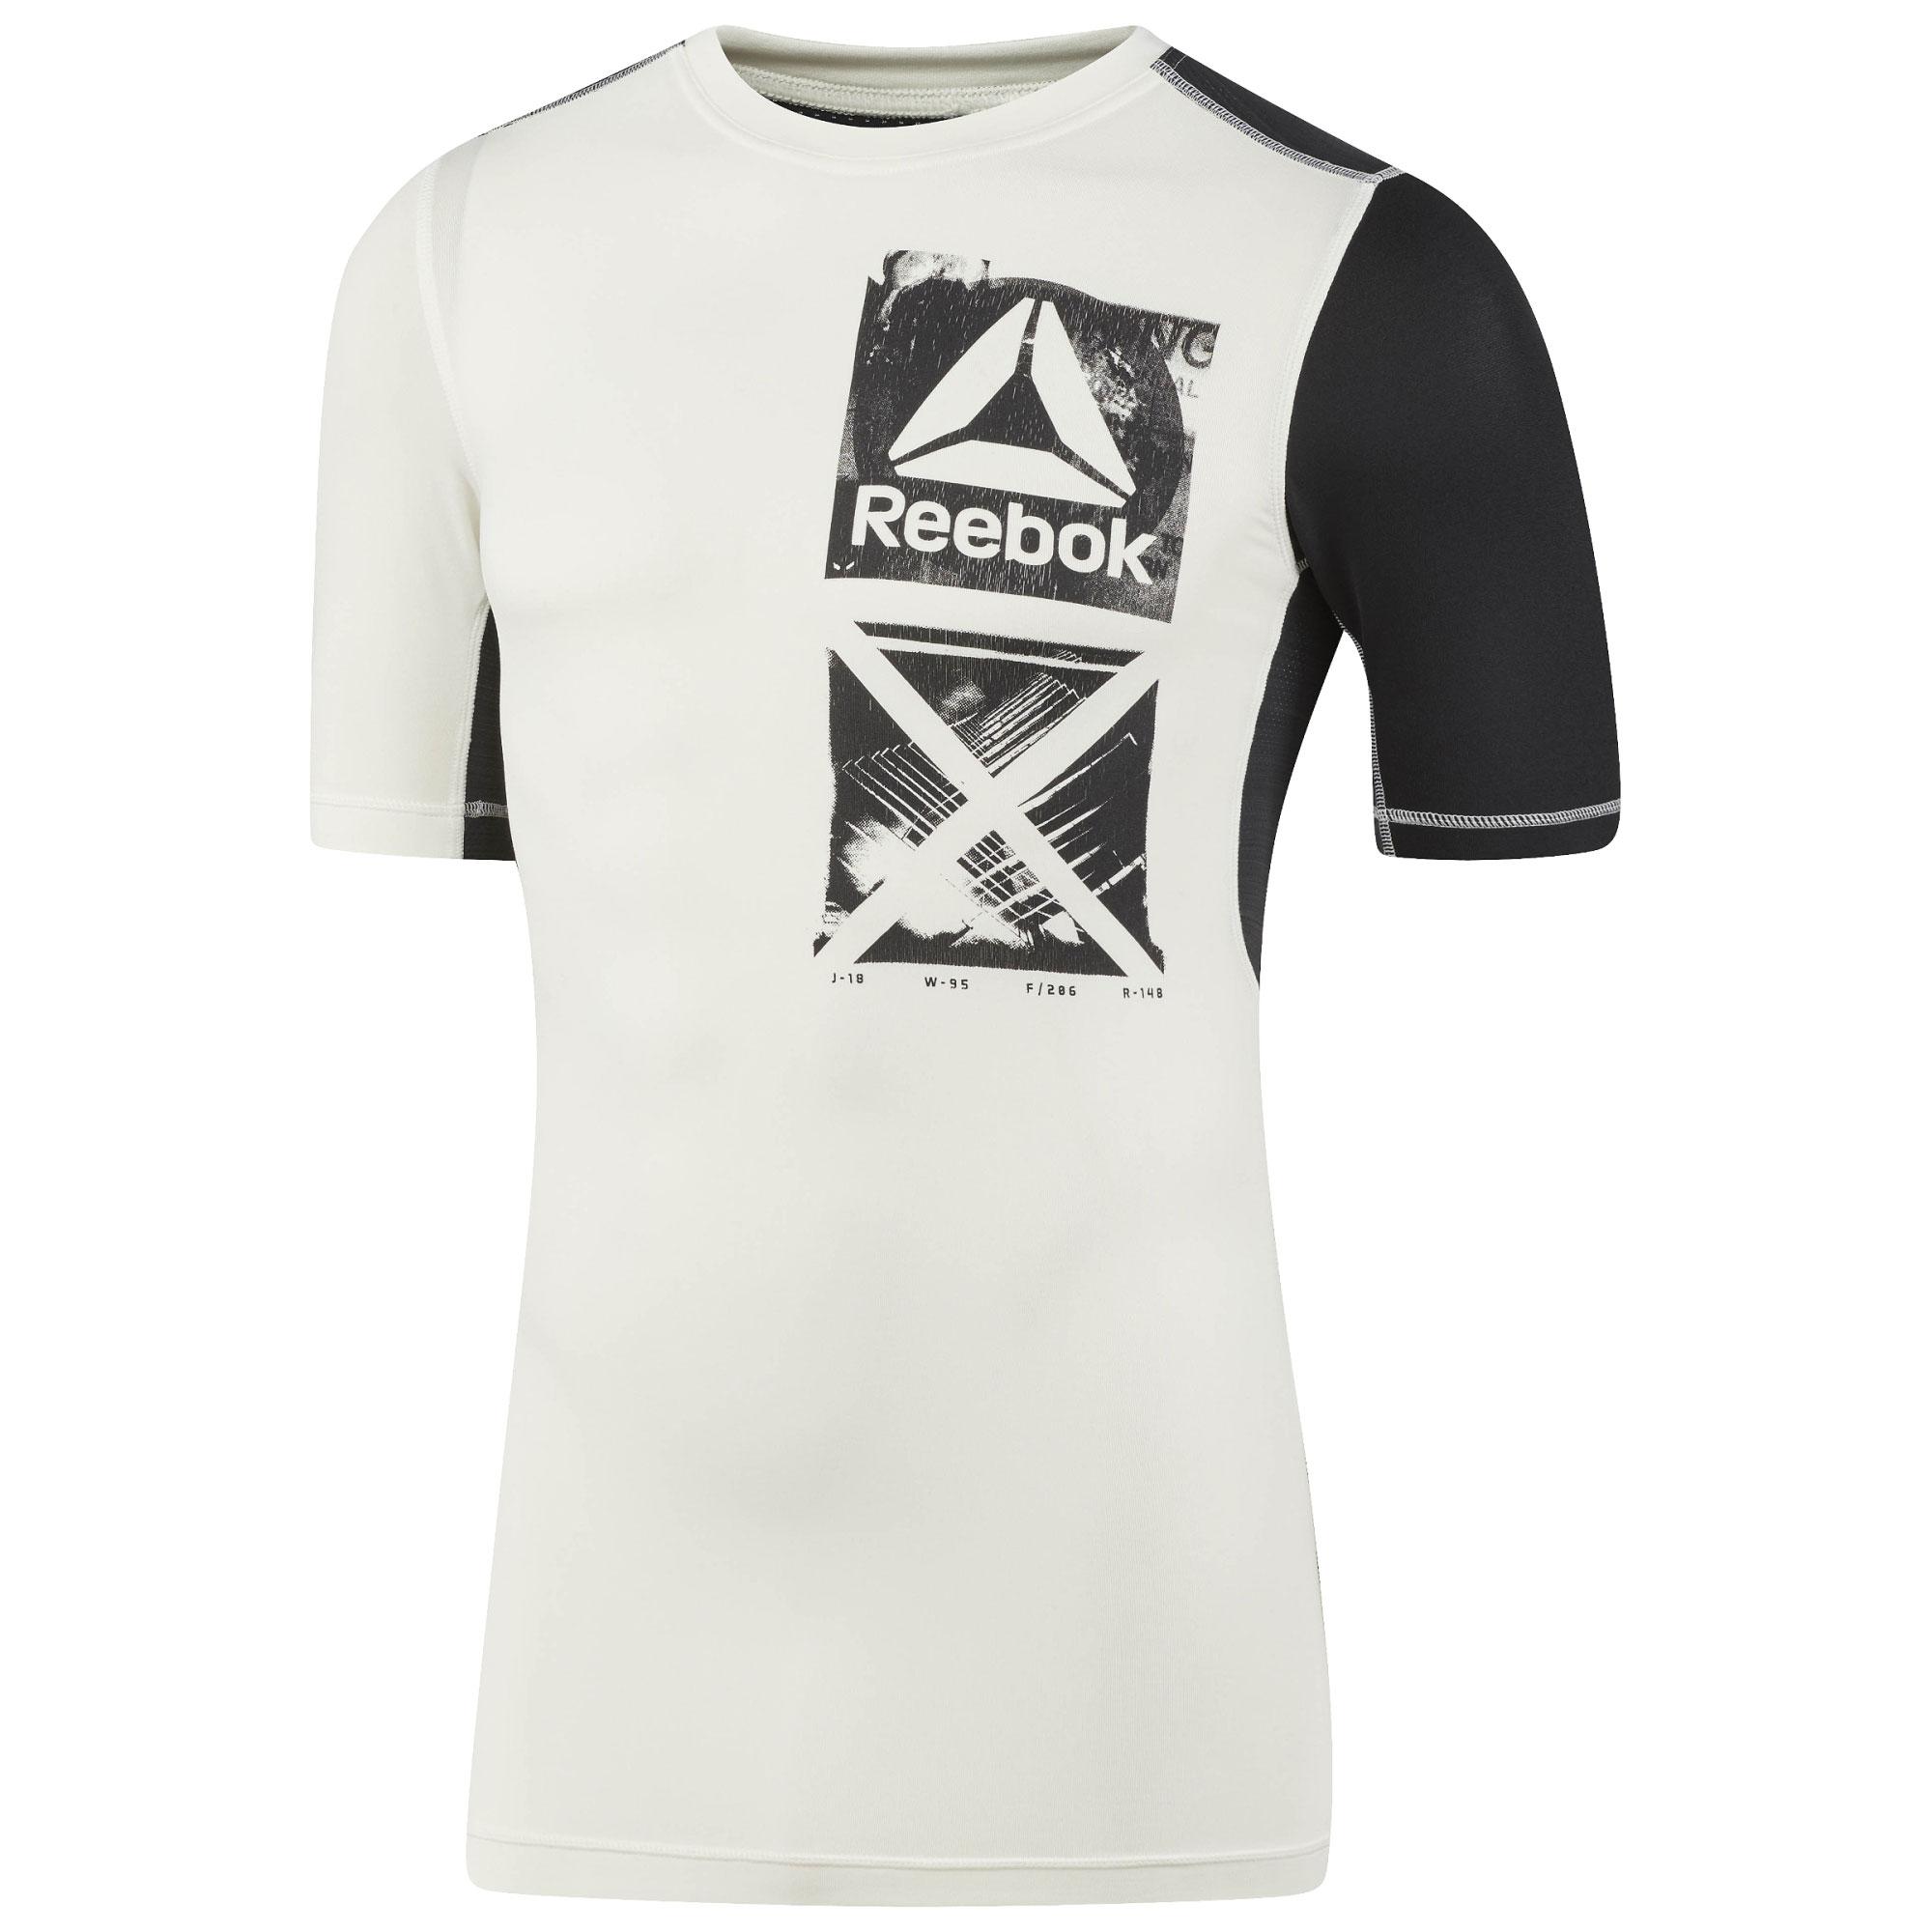 Reebok Herren Trainingsshirt Activchill Graphic Compression Tee BR9570 S